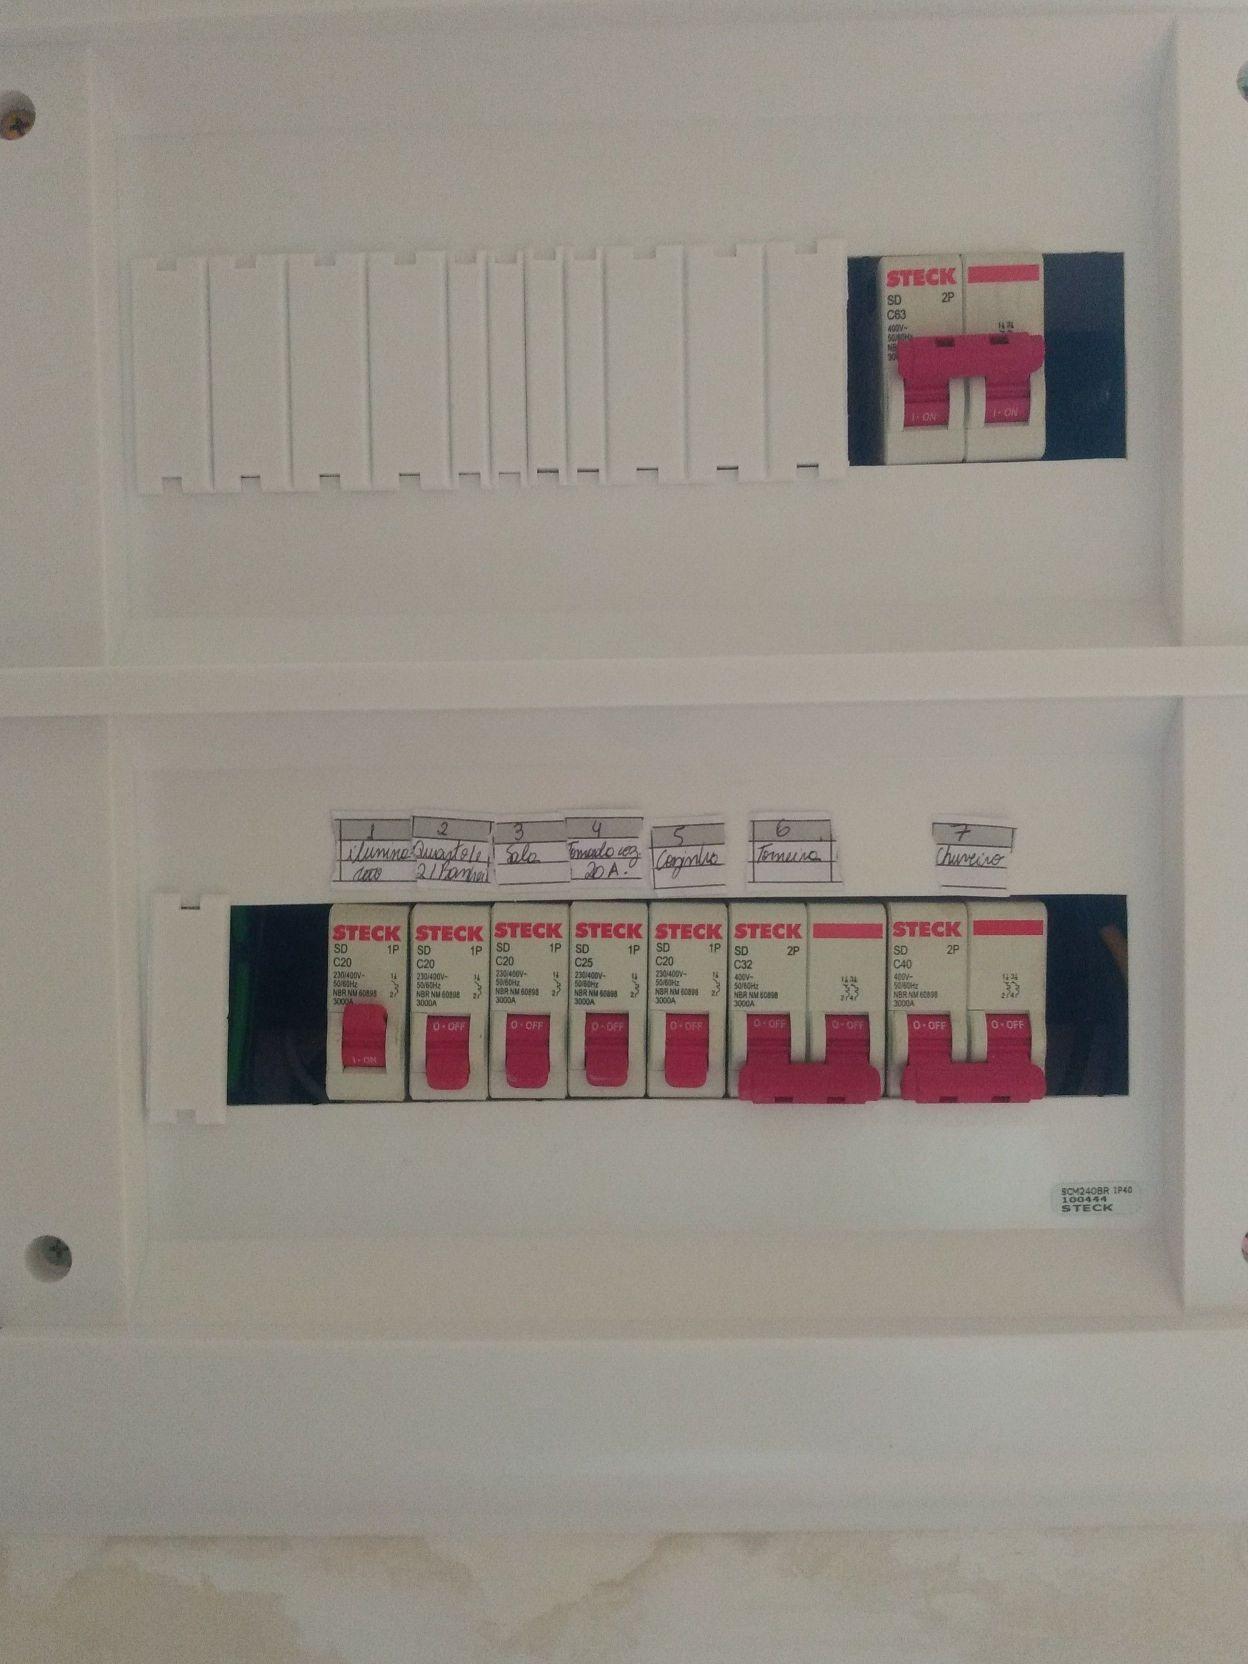 instalação de cabos elétricos e troca de disjuntor